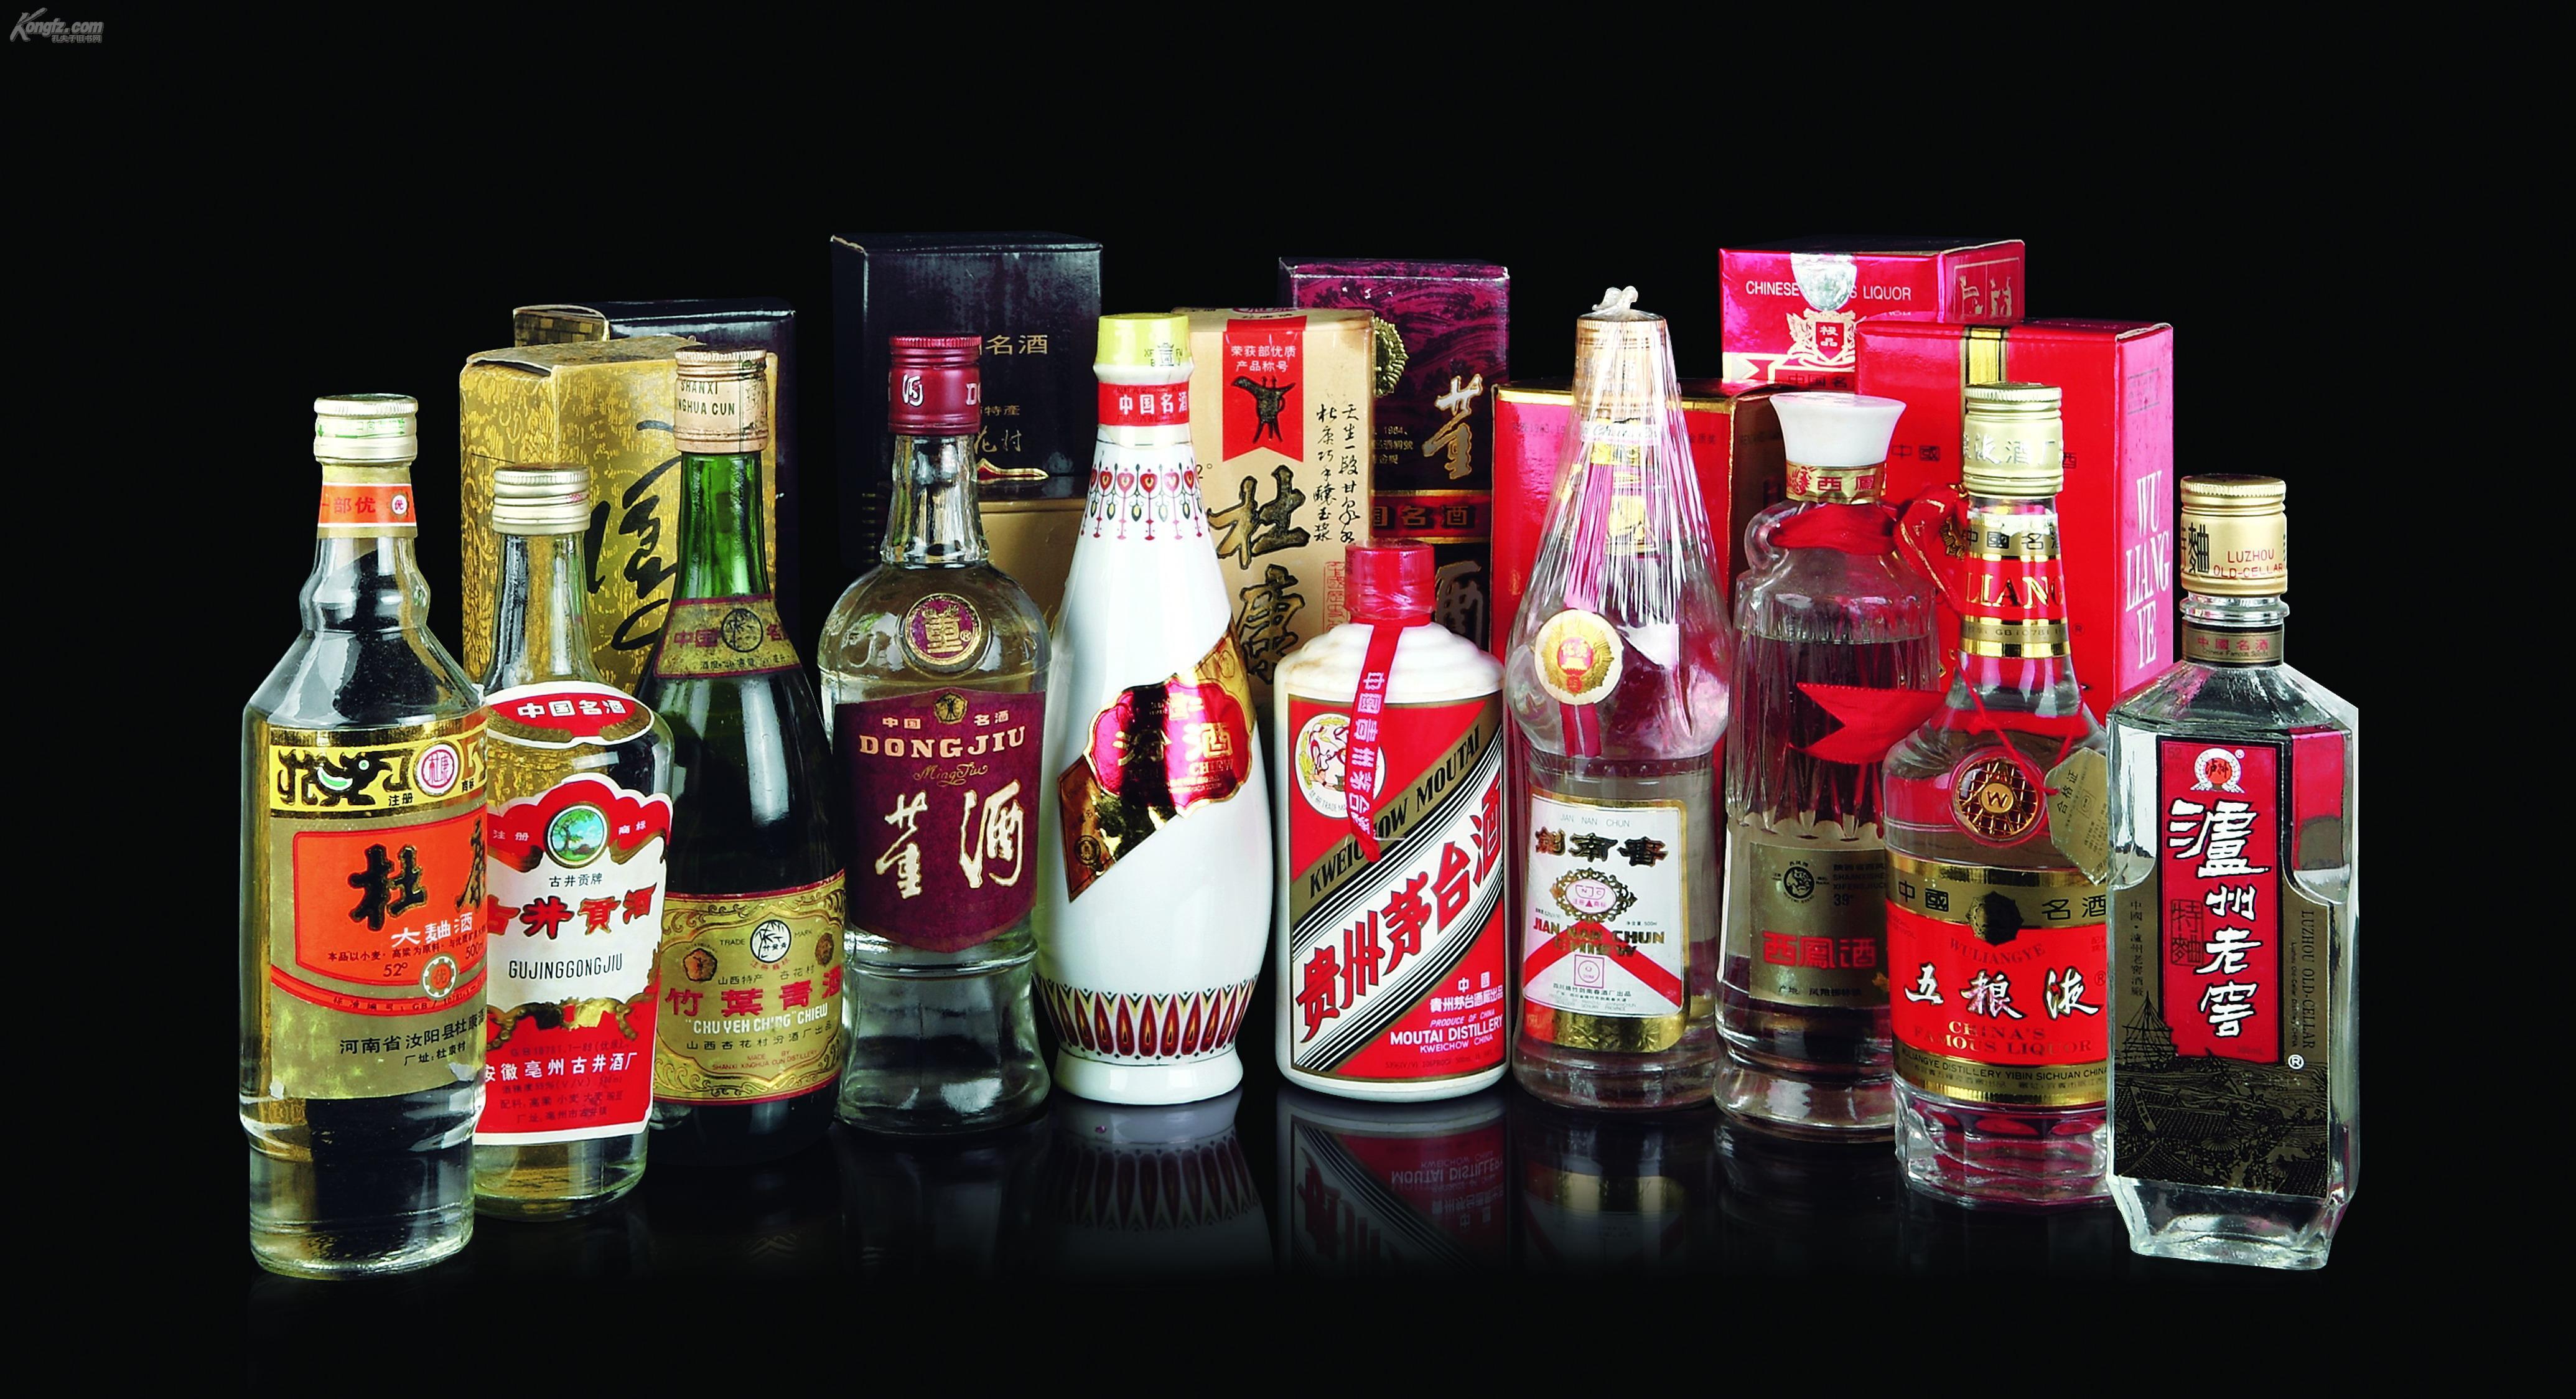 中国十大名酒_十大名酒分别为:贵州茅台,五粮液,洋河大曲,泸州老窖 ,汾酒 ,郎酒